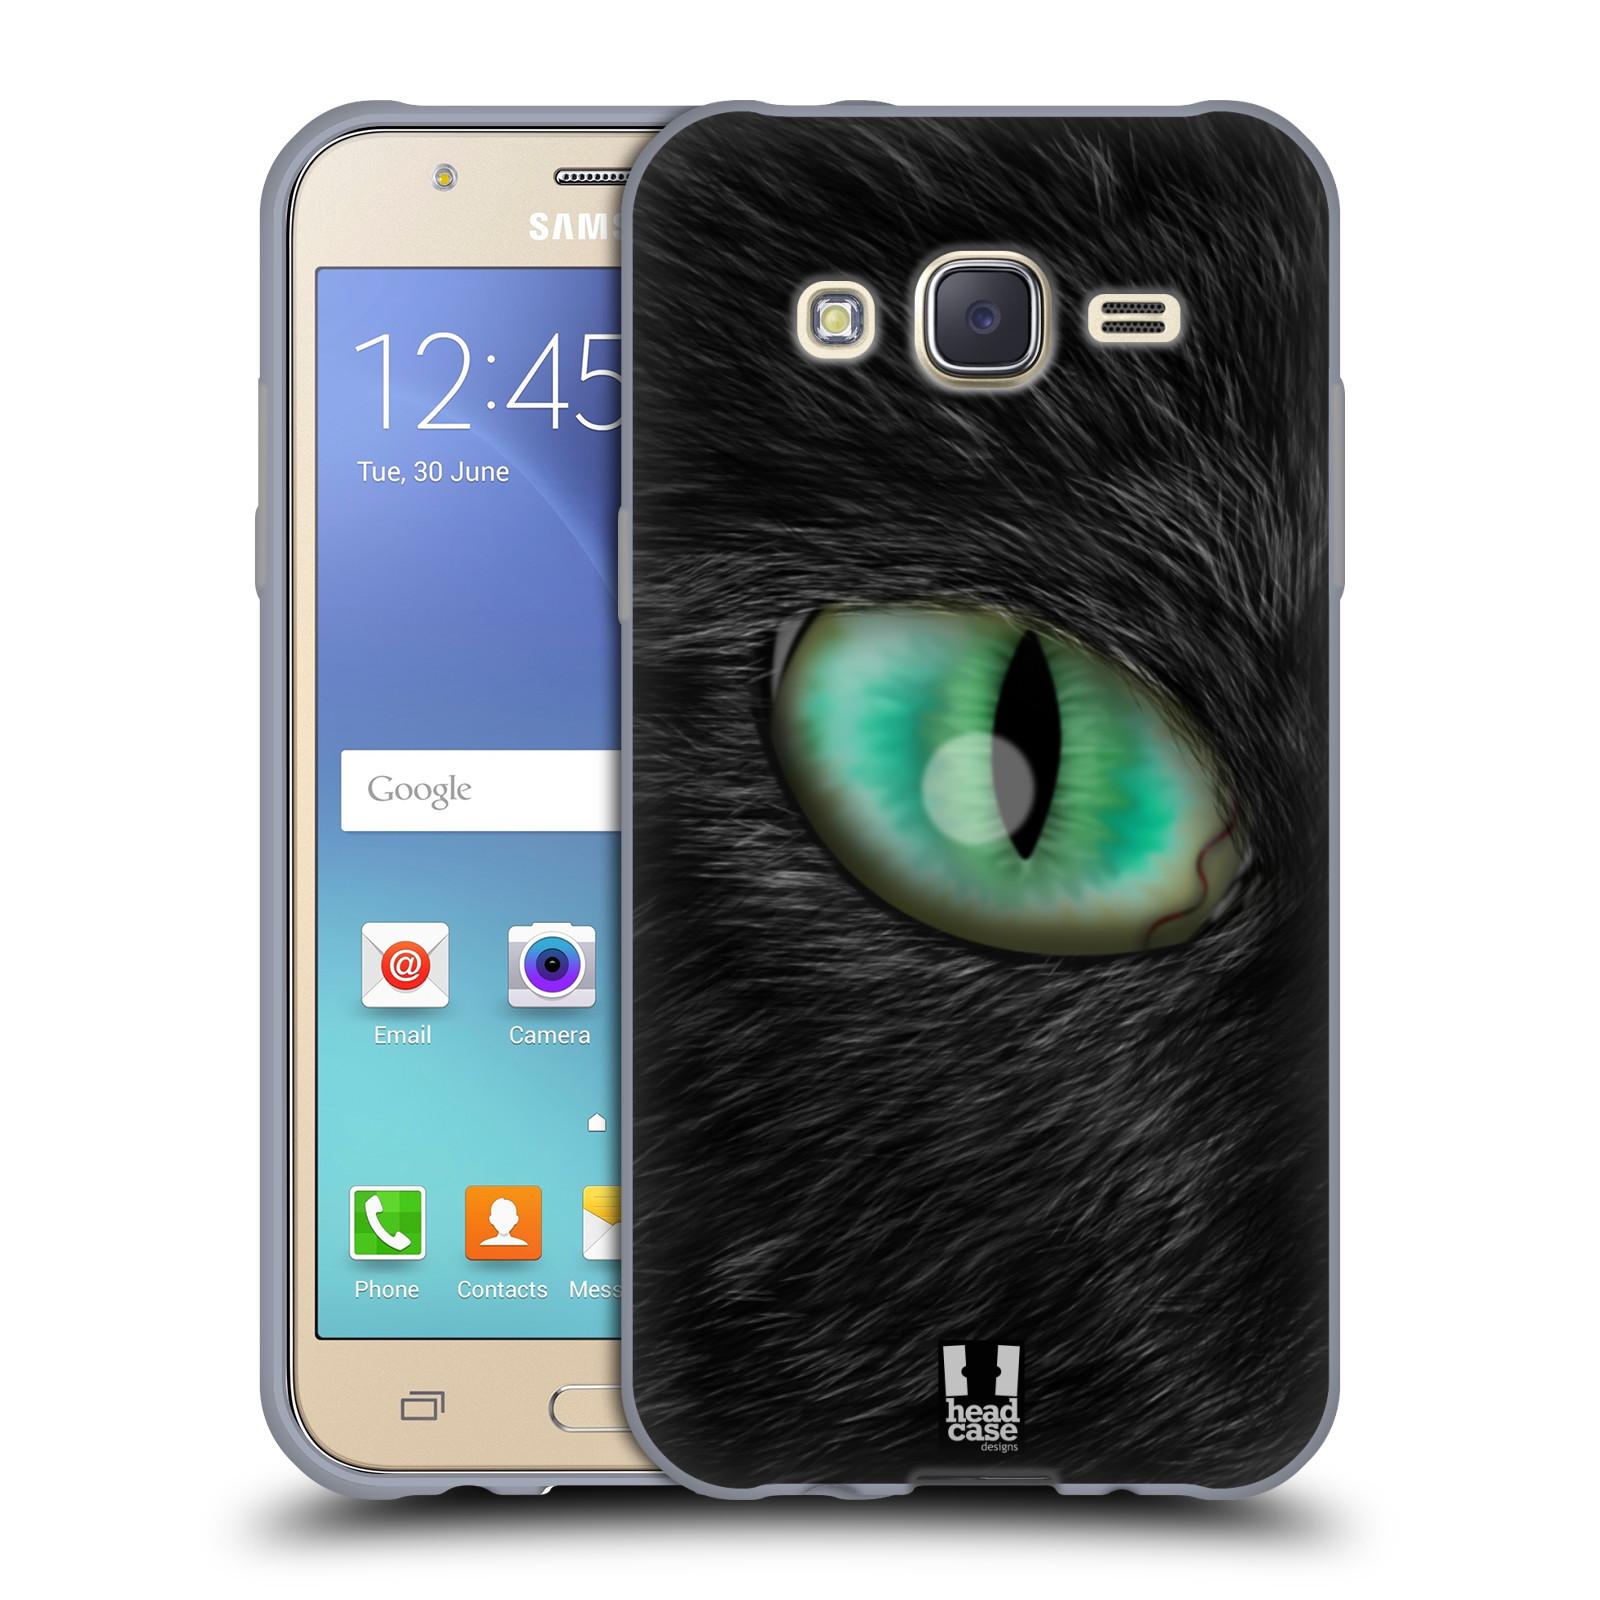 HEAD CASE silikonový obal na mobil Samsung Galaxy J5, J500, (J5 DUOS) vzor pohled zvířete oko kočka